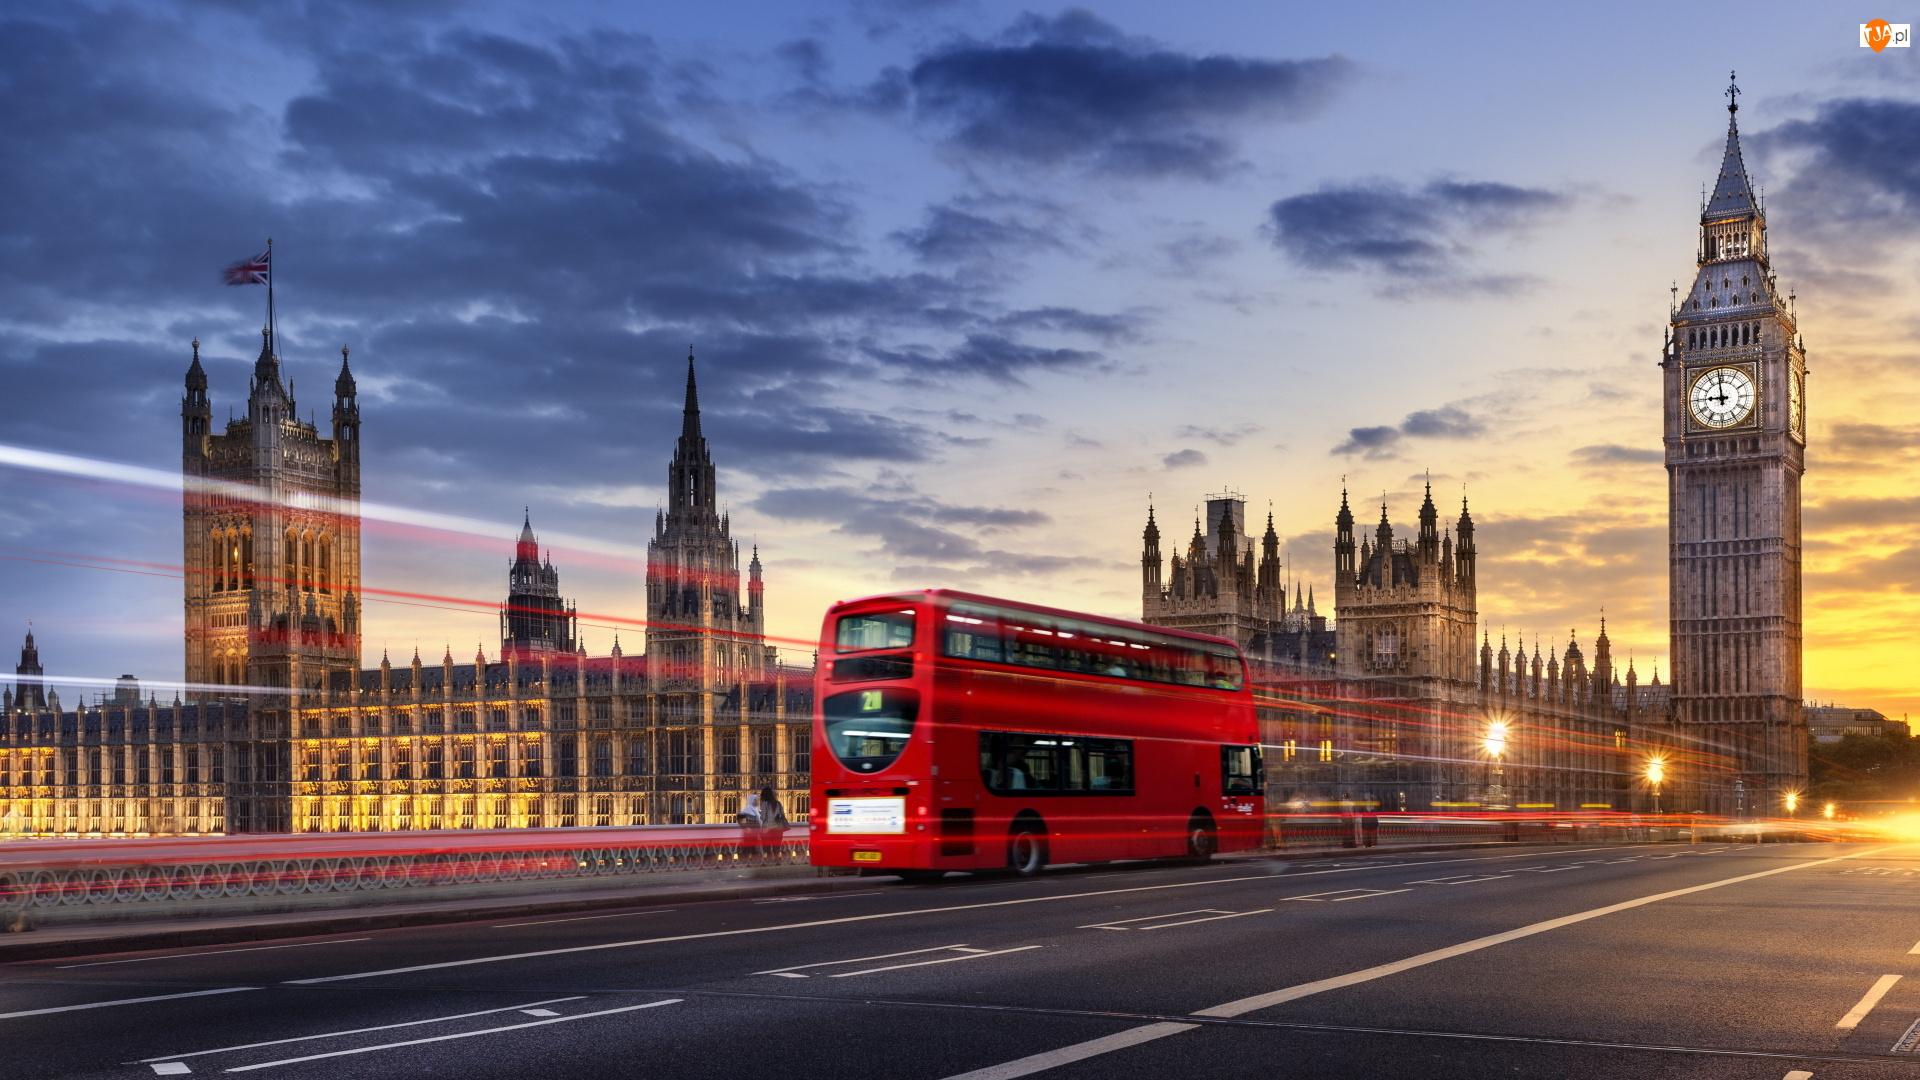 Piętrowy, Wielka Brytania, Big Ben, Autobus, Londyn, Czerwony, Droga, Pałac Westminsterski